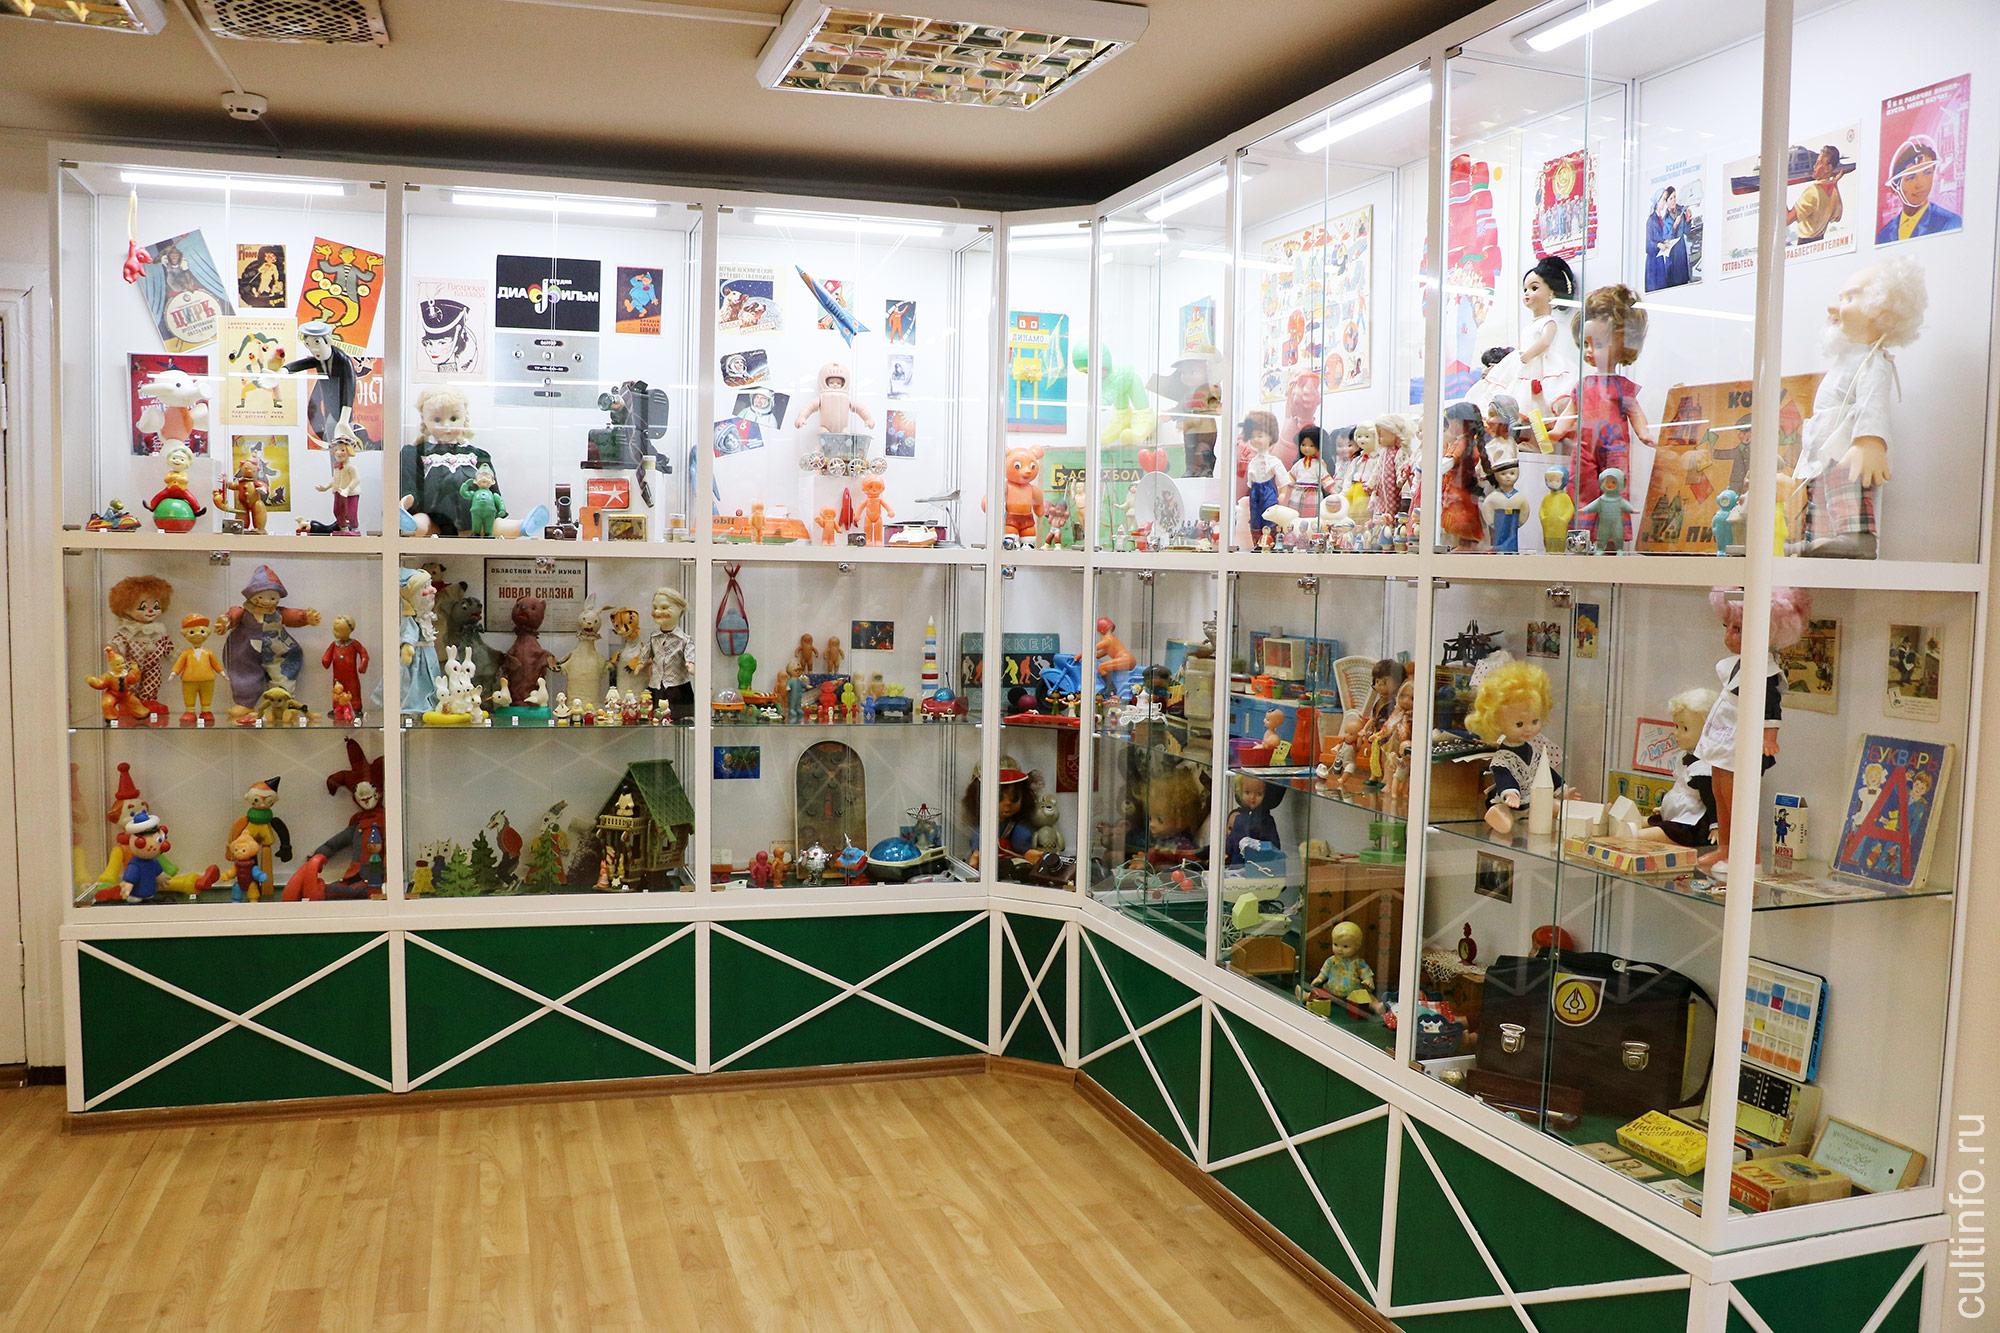 В музее детства осенью планируют открыть выставку игрушек, изготовленных на вологодской фабрике